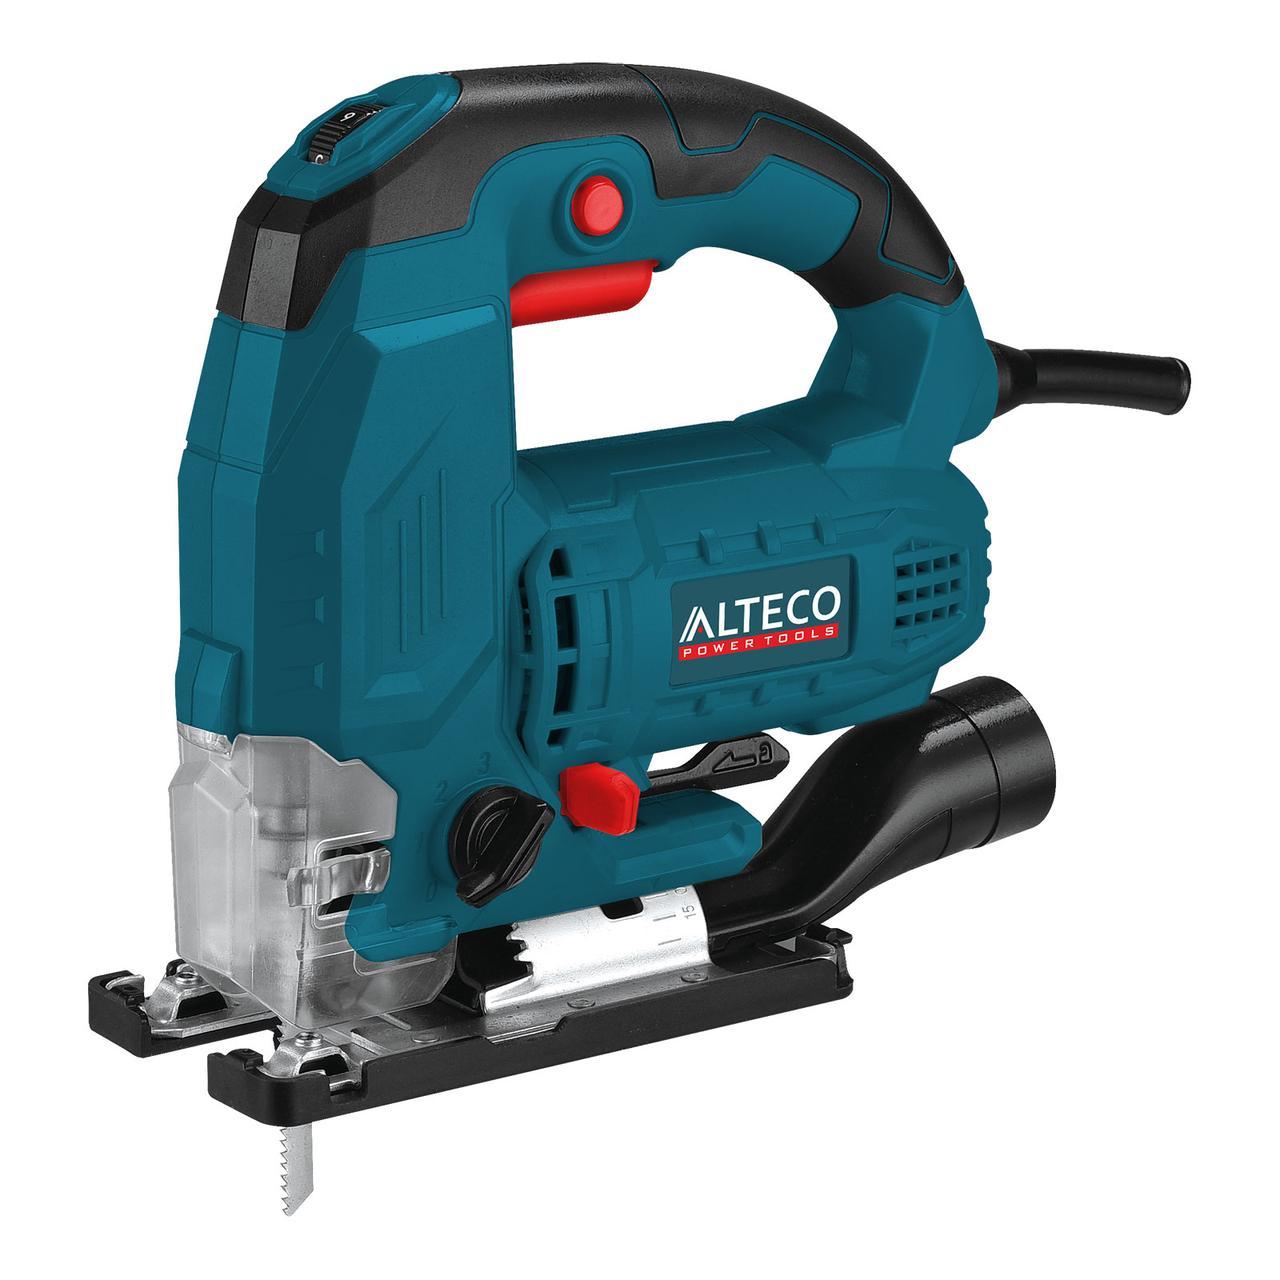 ALTECO JS 750 Лобзиковая пила